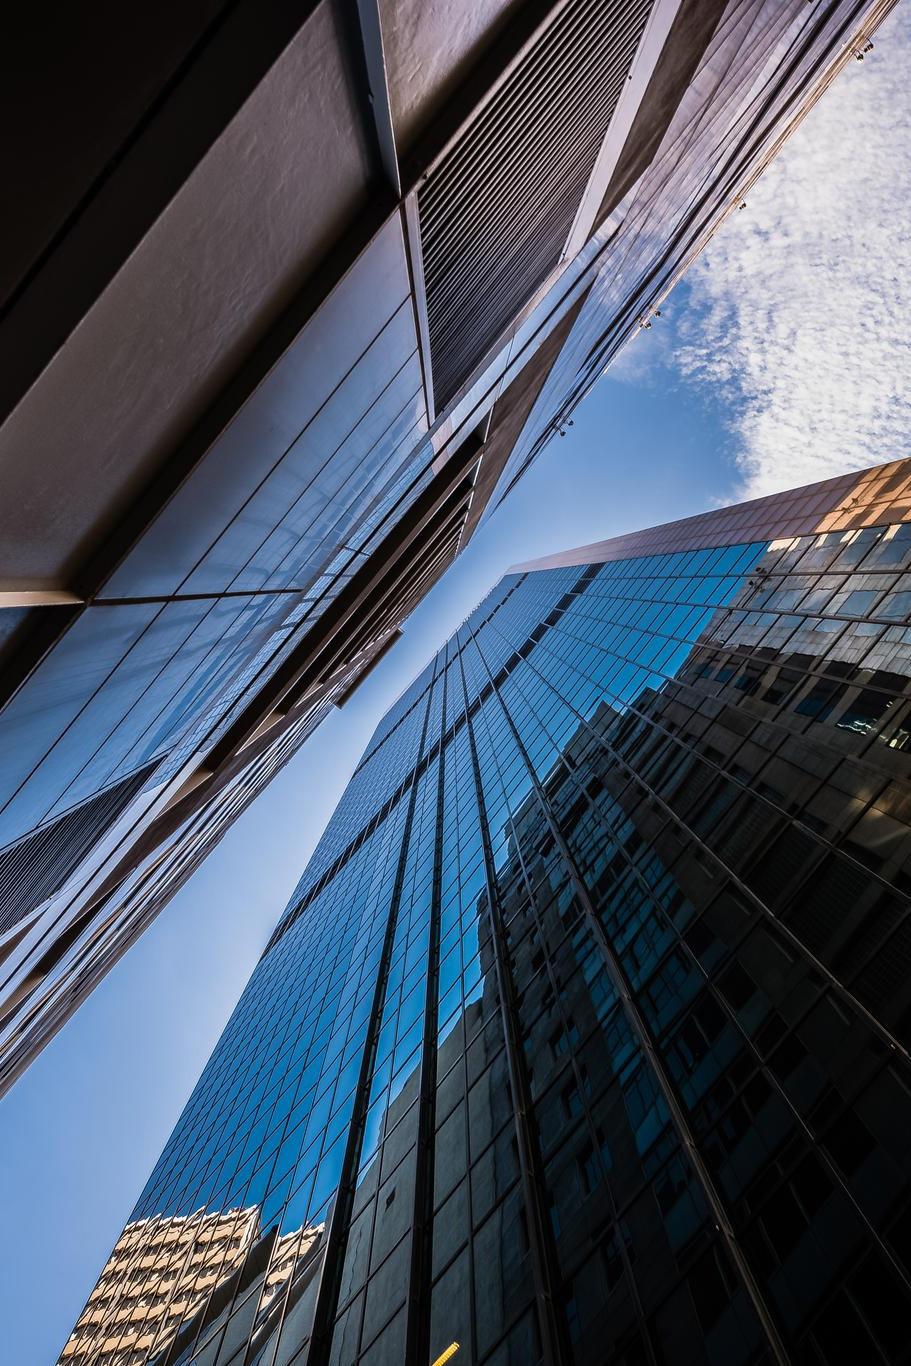 between skyscrapers glass bottom view sky